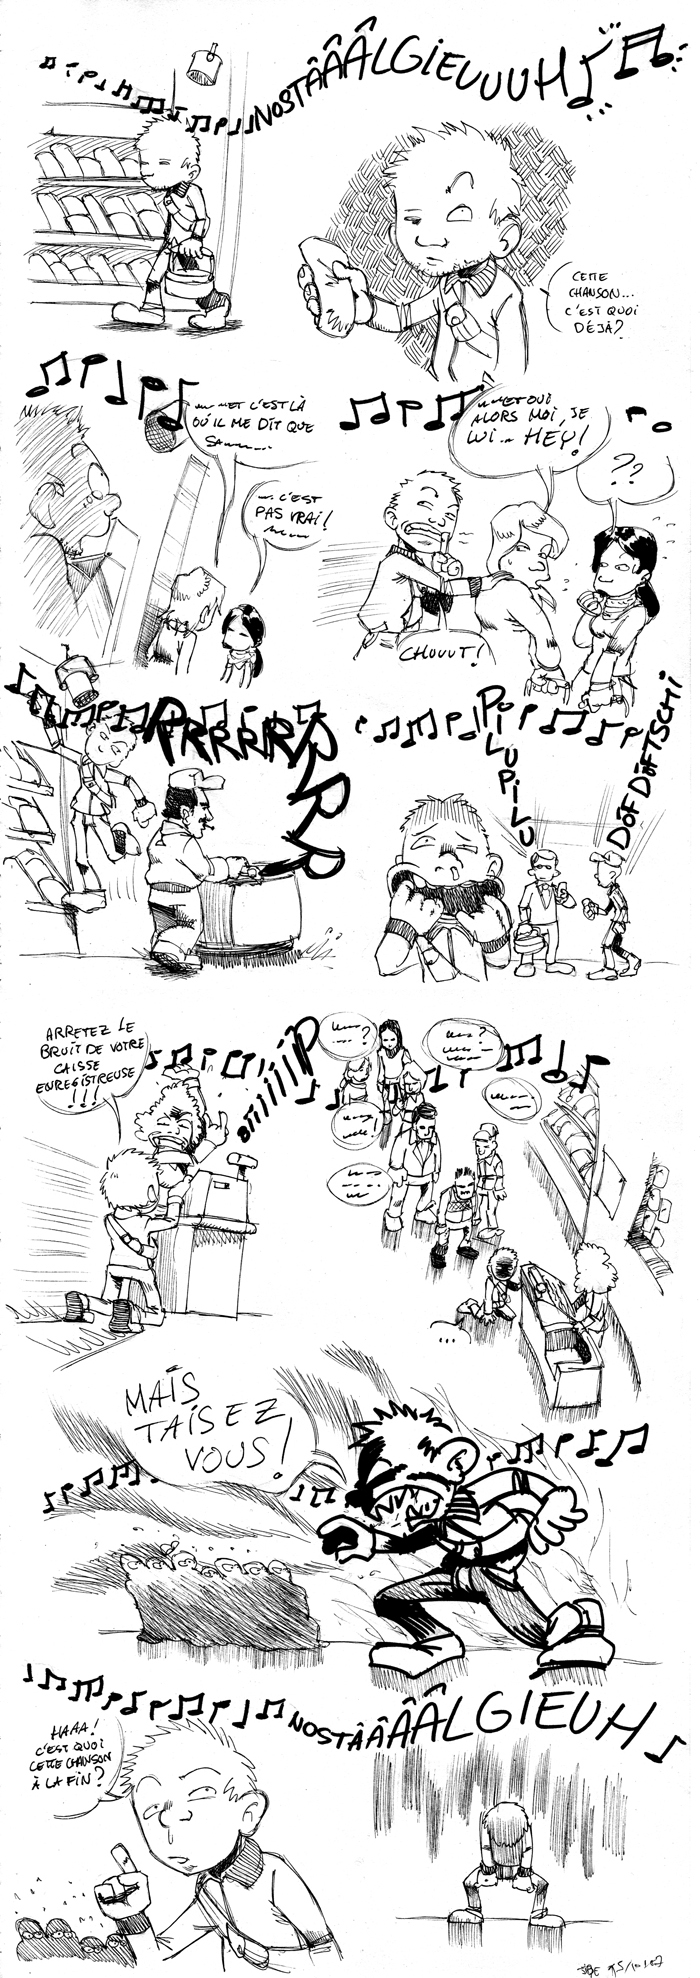 Hors-série #06